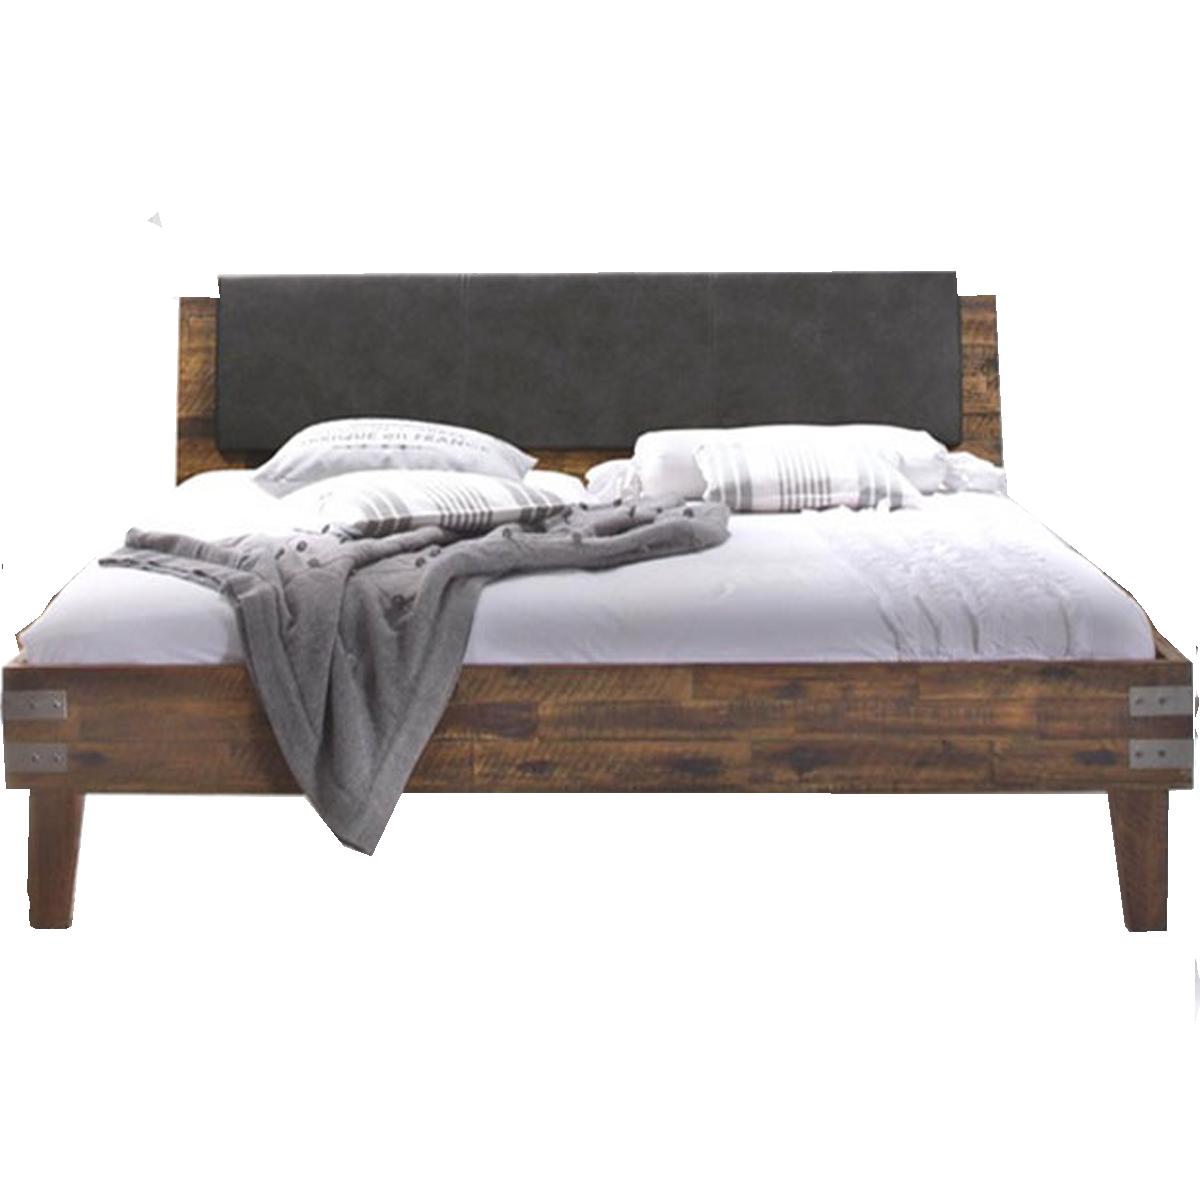 Full Size of Kopfteil Bett Factory Line Schlafzimmer Gnstig Kaufen Kleinkind Hülsta Boxspring Außergewöhnliche Betten King Size überlänge 140x200 Mit Bettkasten Bett Kopfteil Bett